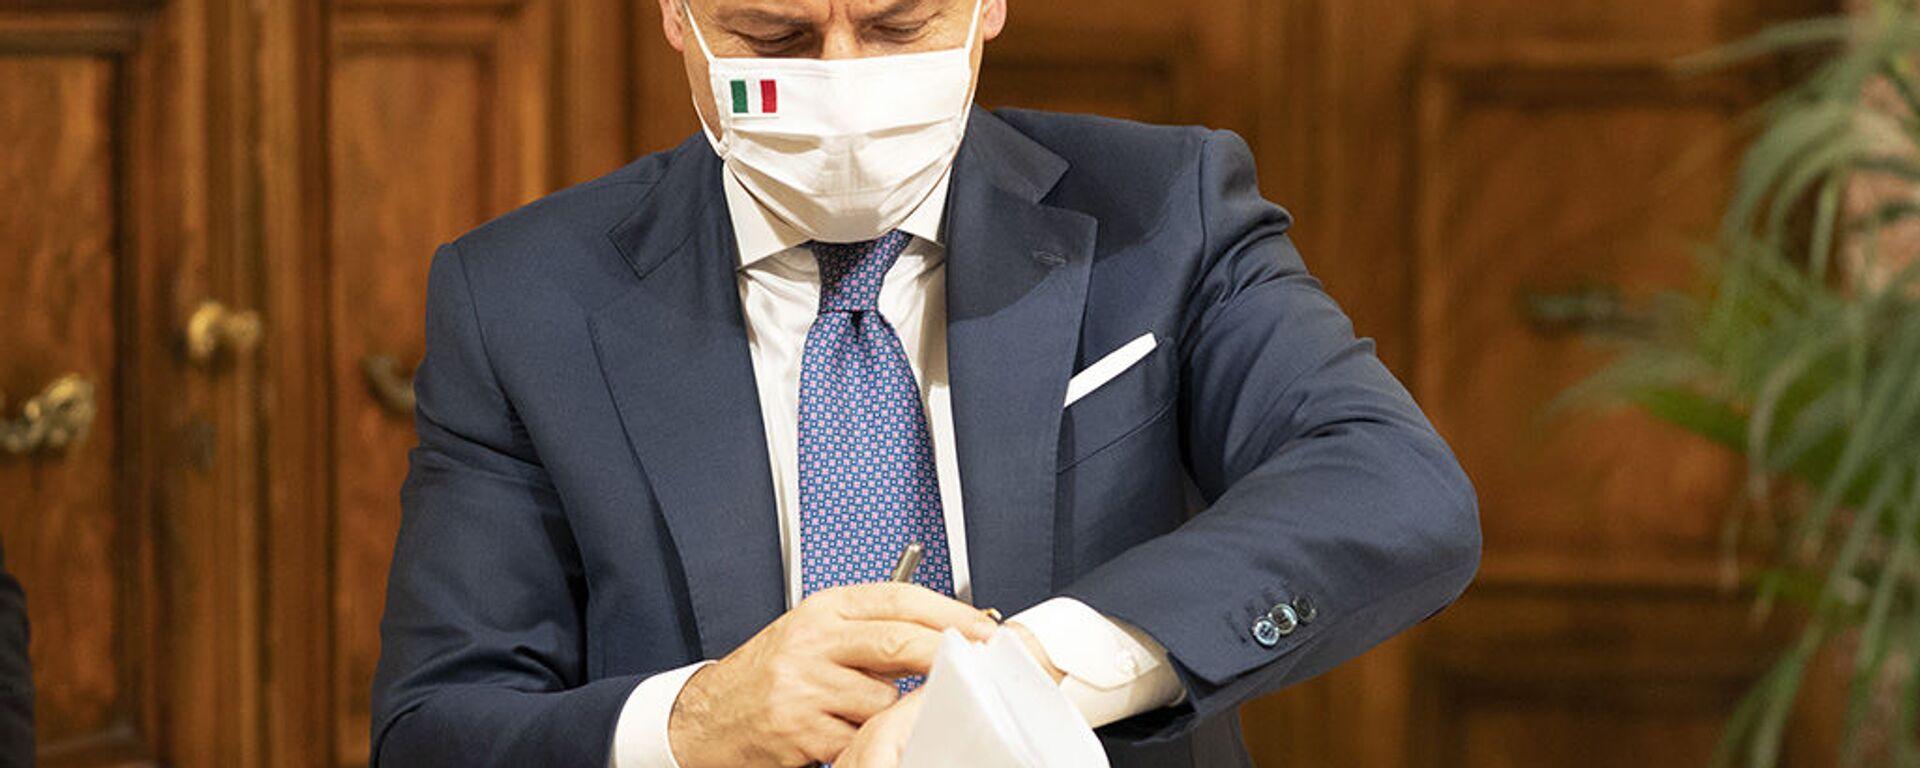 Il presidente del Consiglio Giuseppe Conte - Sputnik Italia, 1920, 01.06.2021